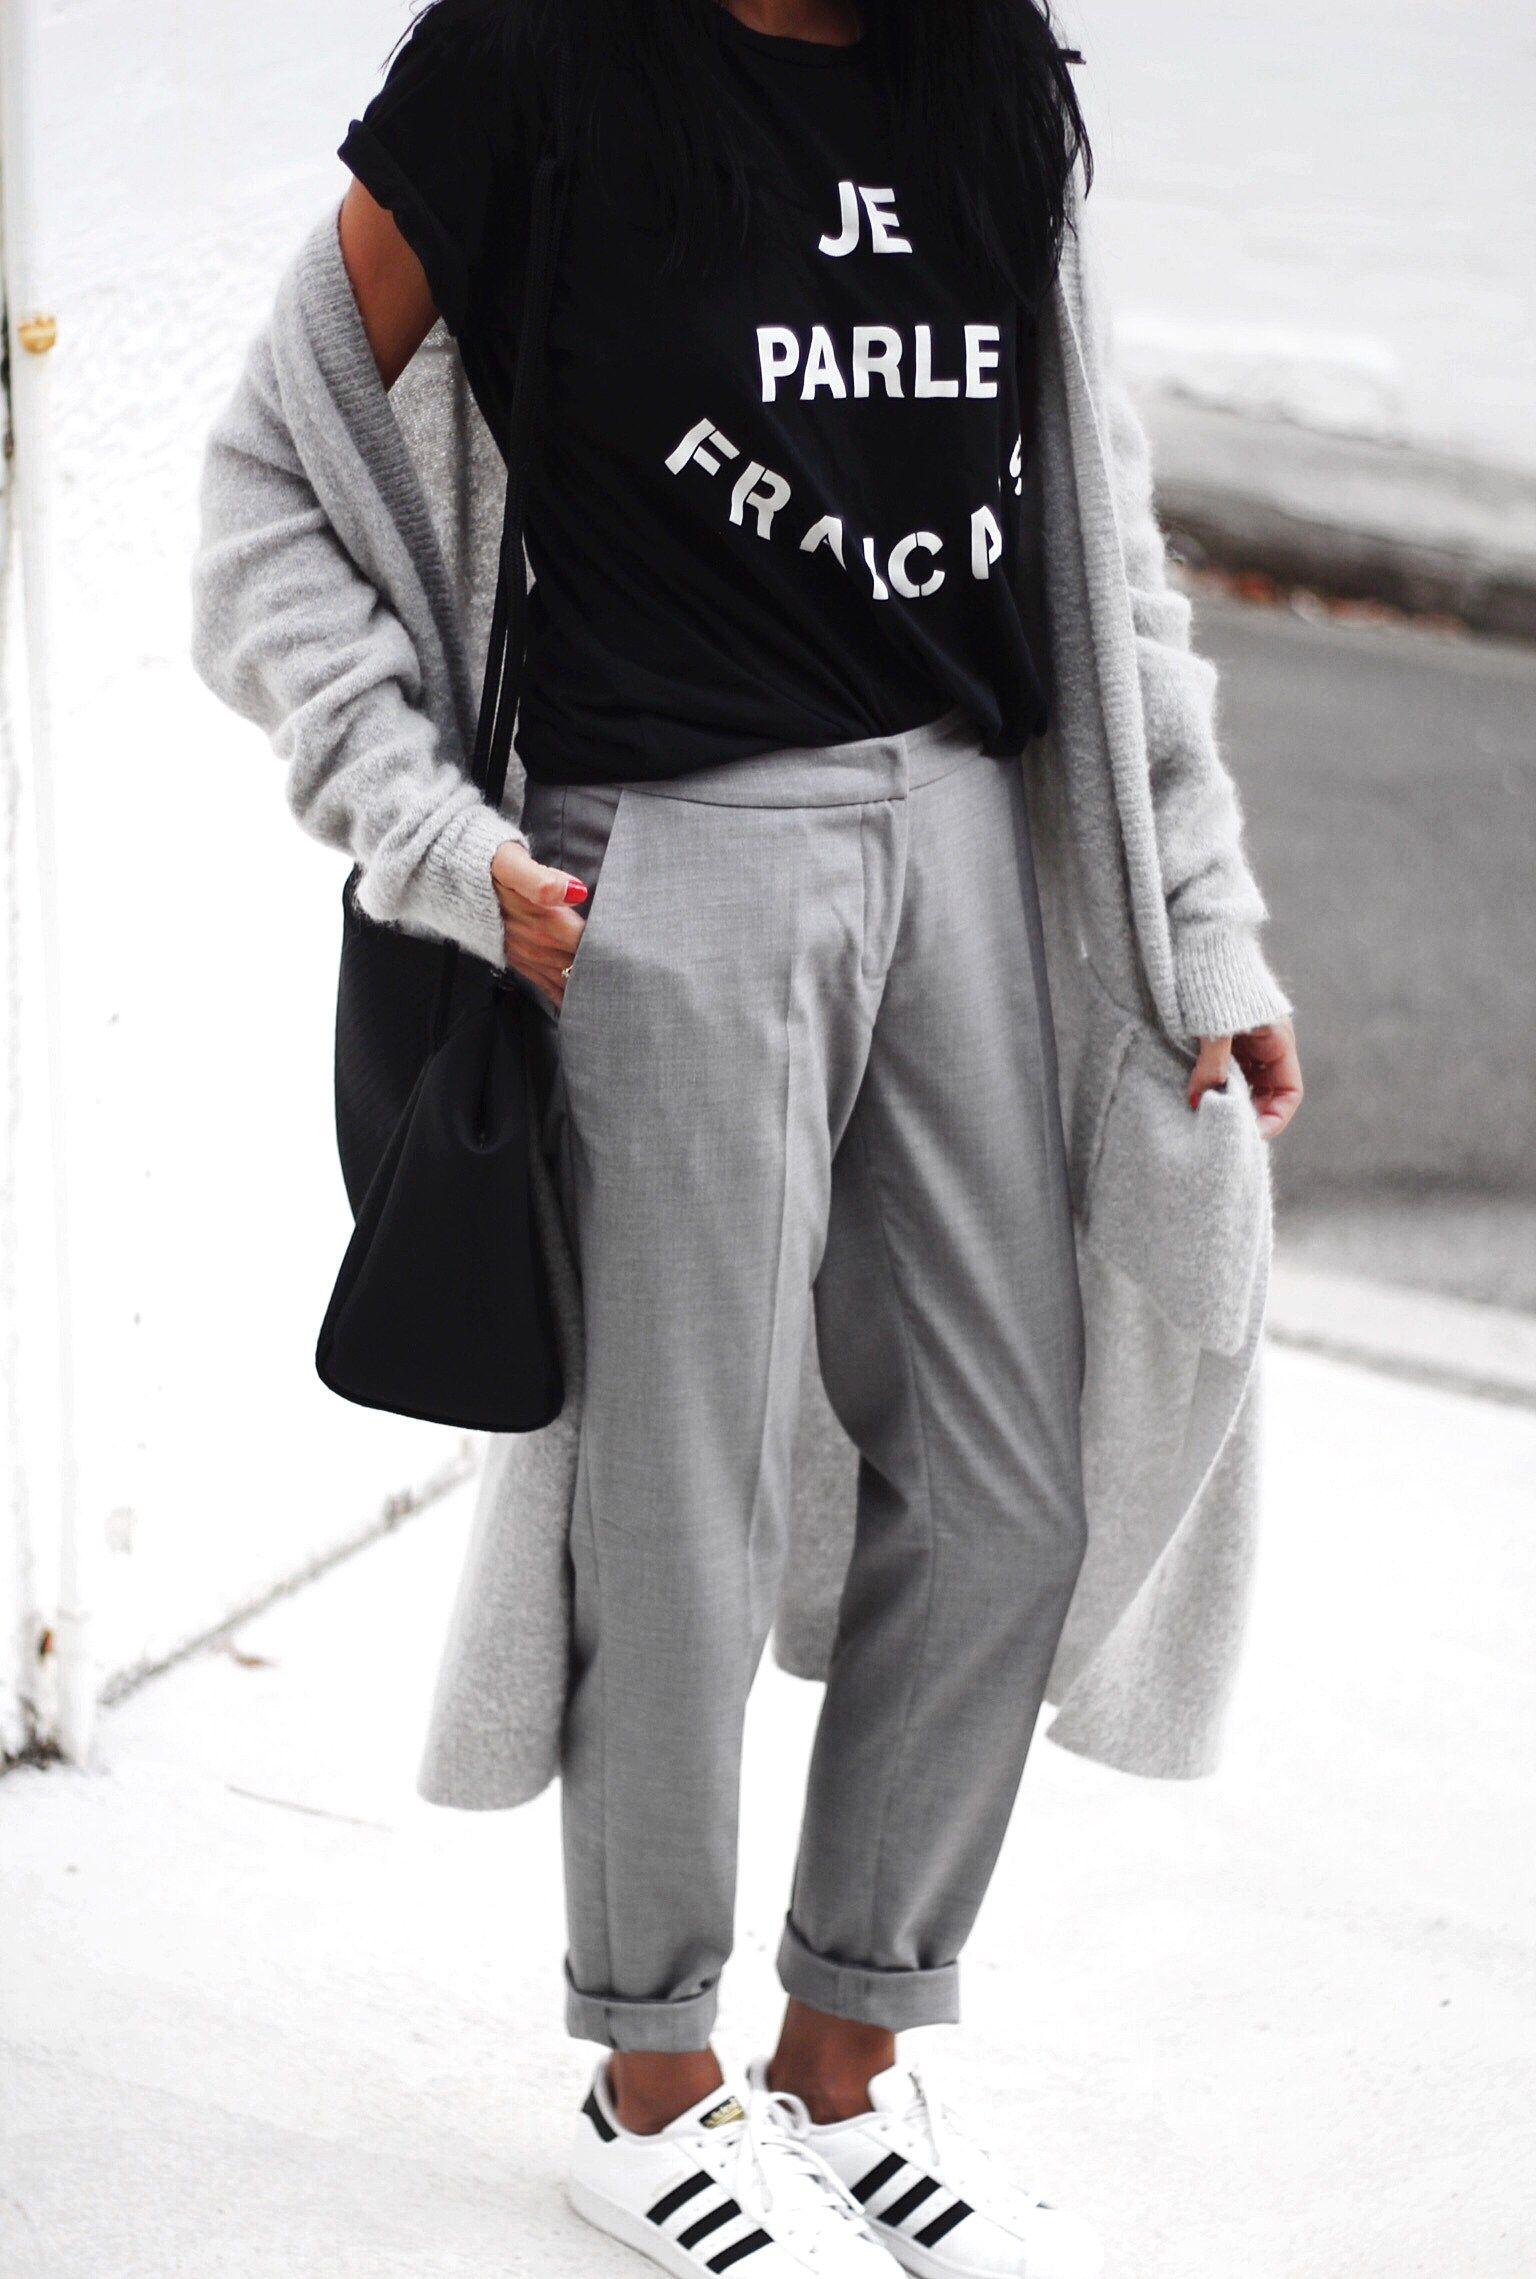 separation shoes 72066 3298c Autunno Inverno Primavera pantaloni grigio maglietta nera con cappotto  grigio e scarpe bianche